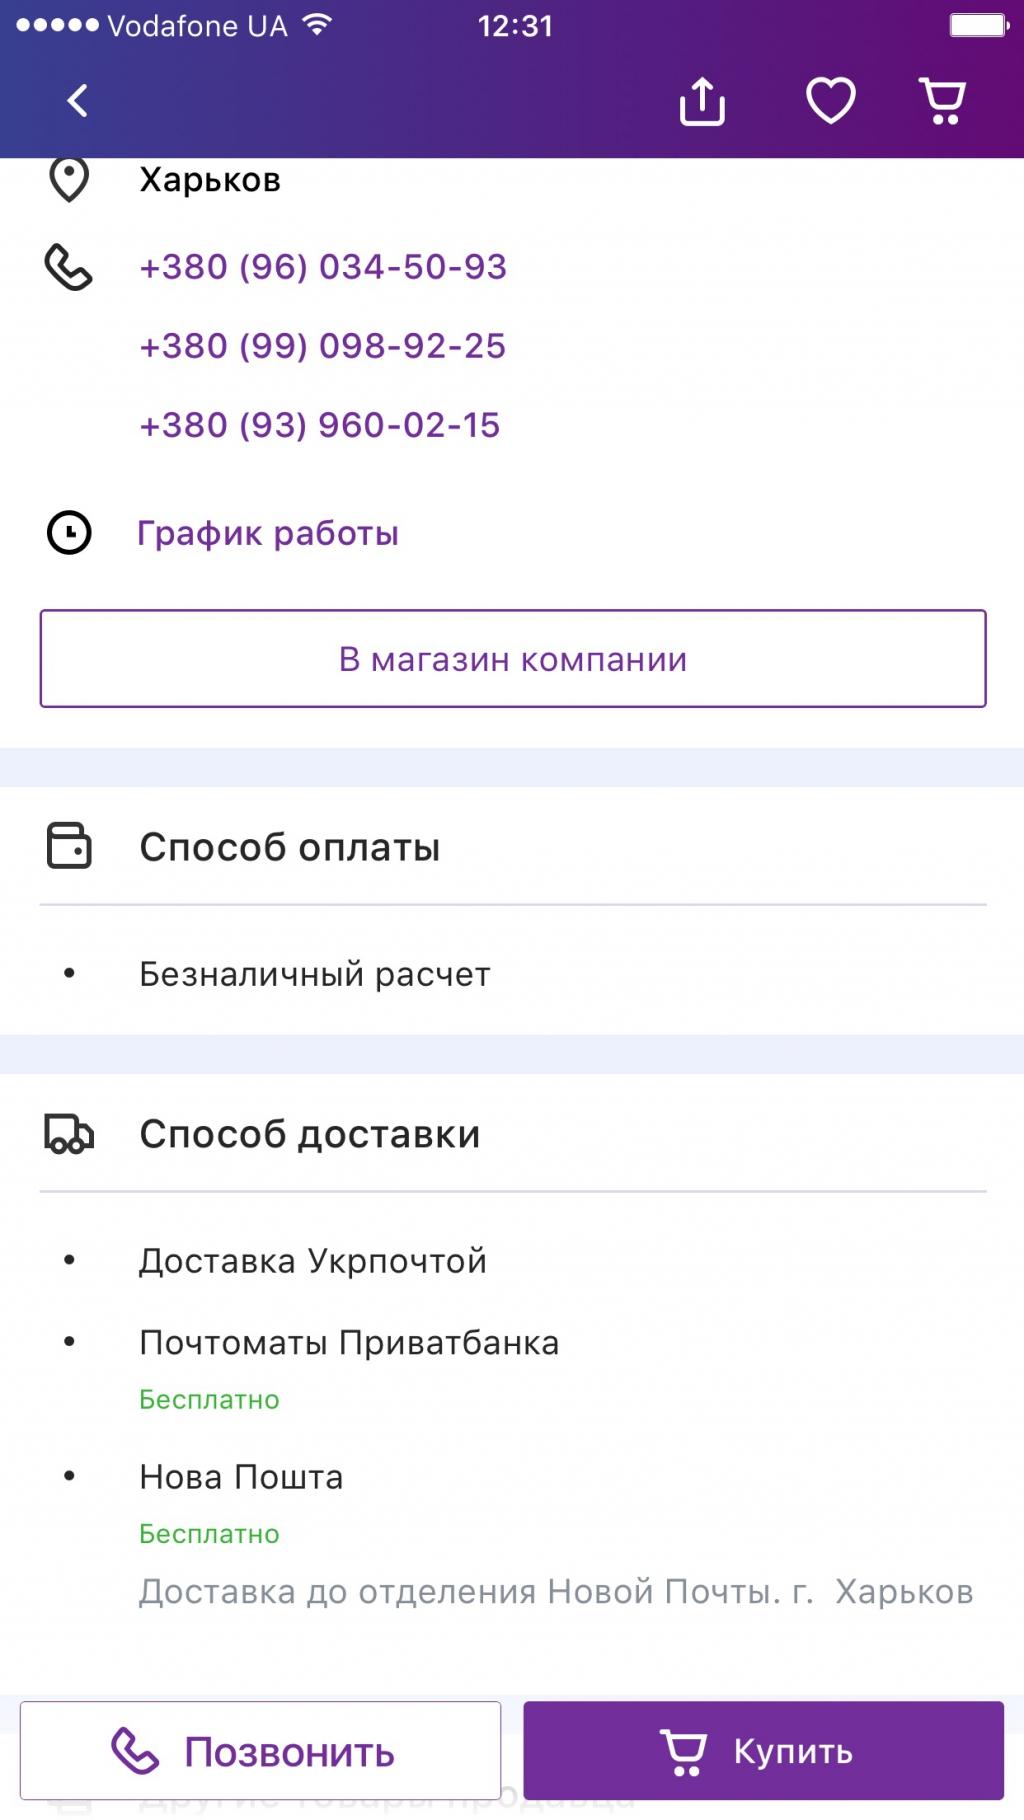 Prom.ua - Информации на проме вообще верить нельзя.